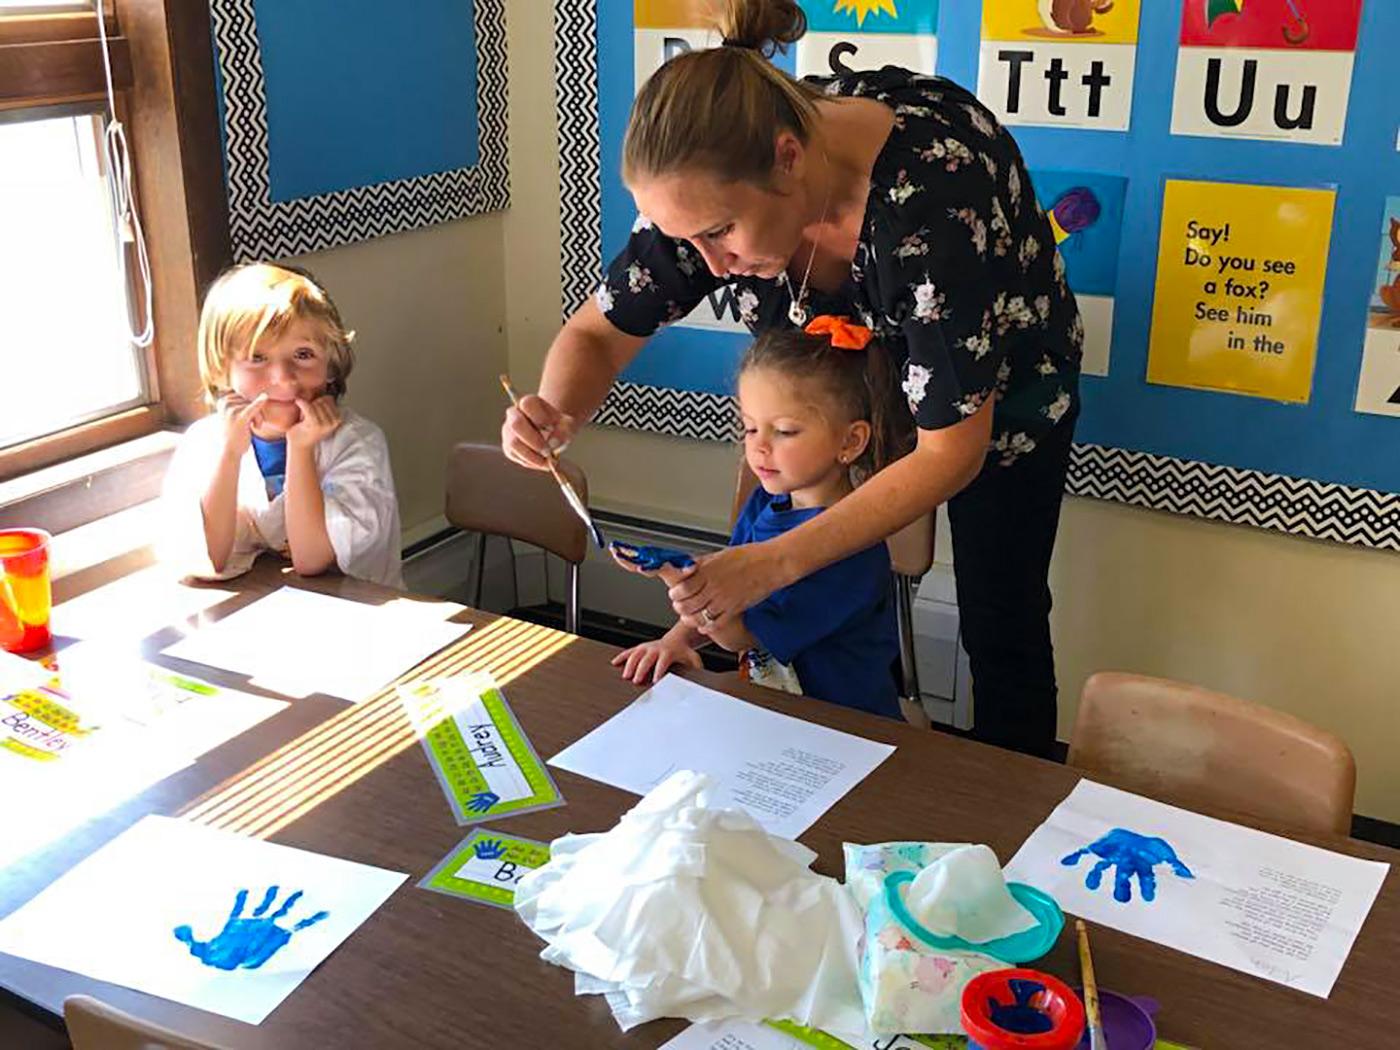 Teacher helping student paint her hand.